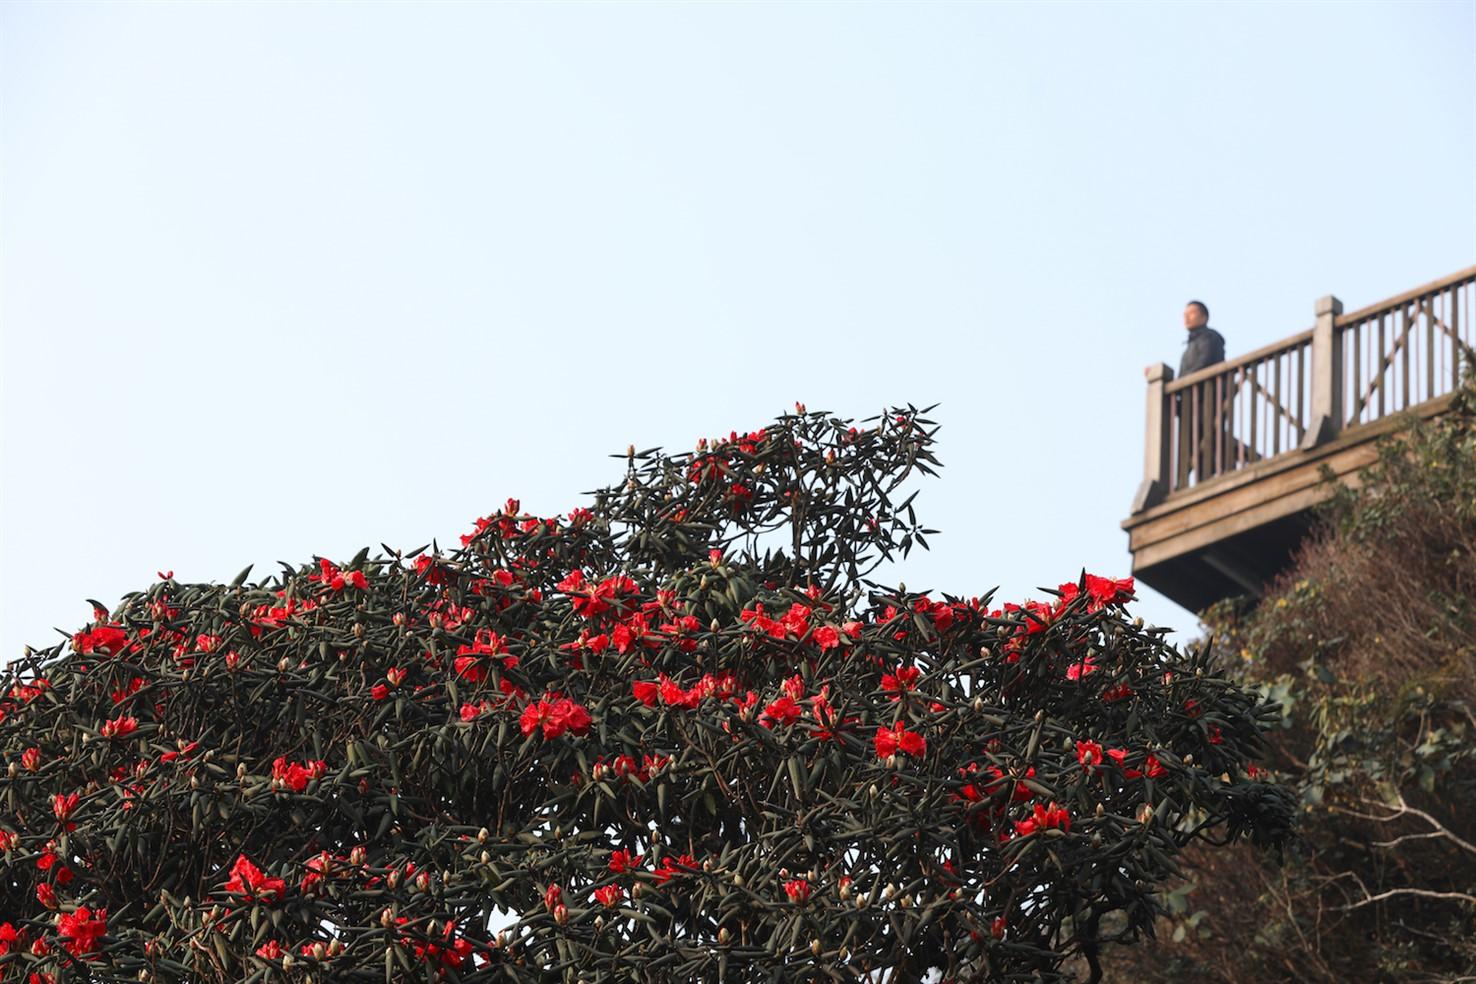 Khi tháng 4 về, những bông loa kèn trắng ngần ngợp đầy các con phố Hà Nội, cũng là lúc từng vạt rừng Hoàng Liên, Sa Pa rực lên sắc đỏ của loài hoa đỗ quyên quý hiếm.